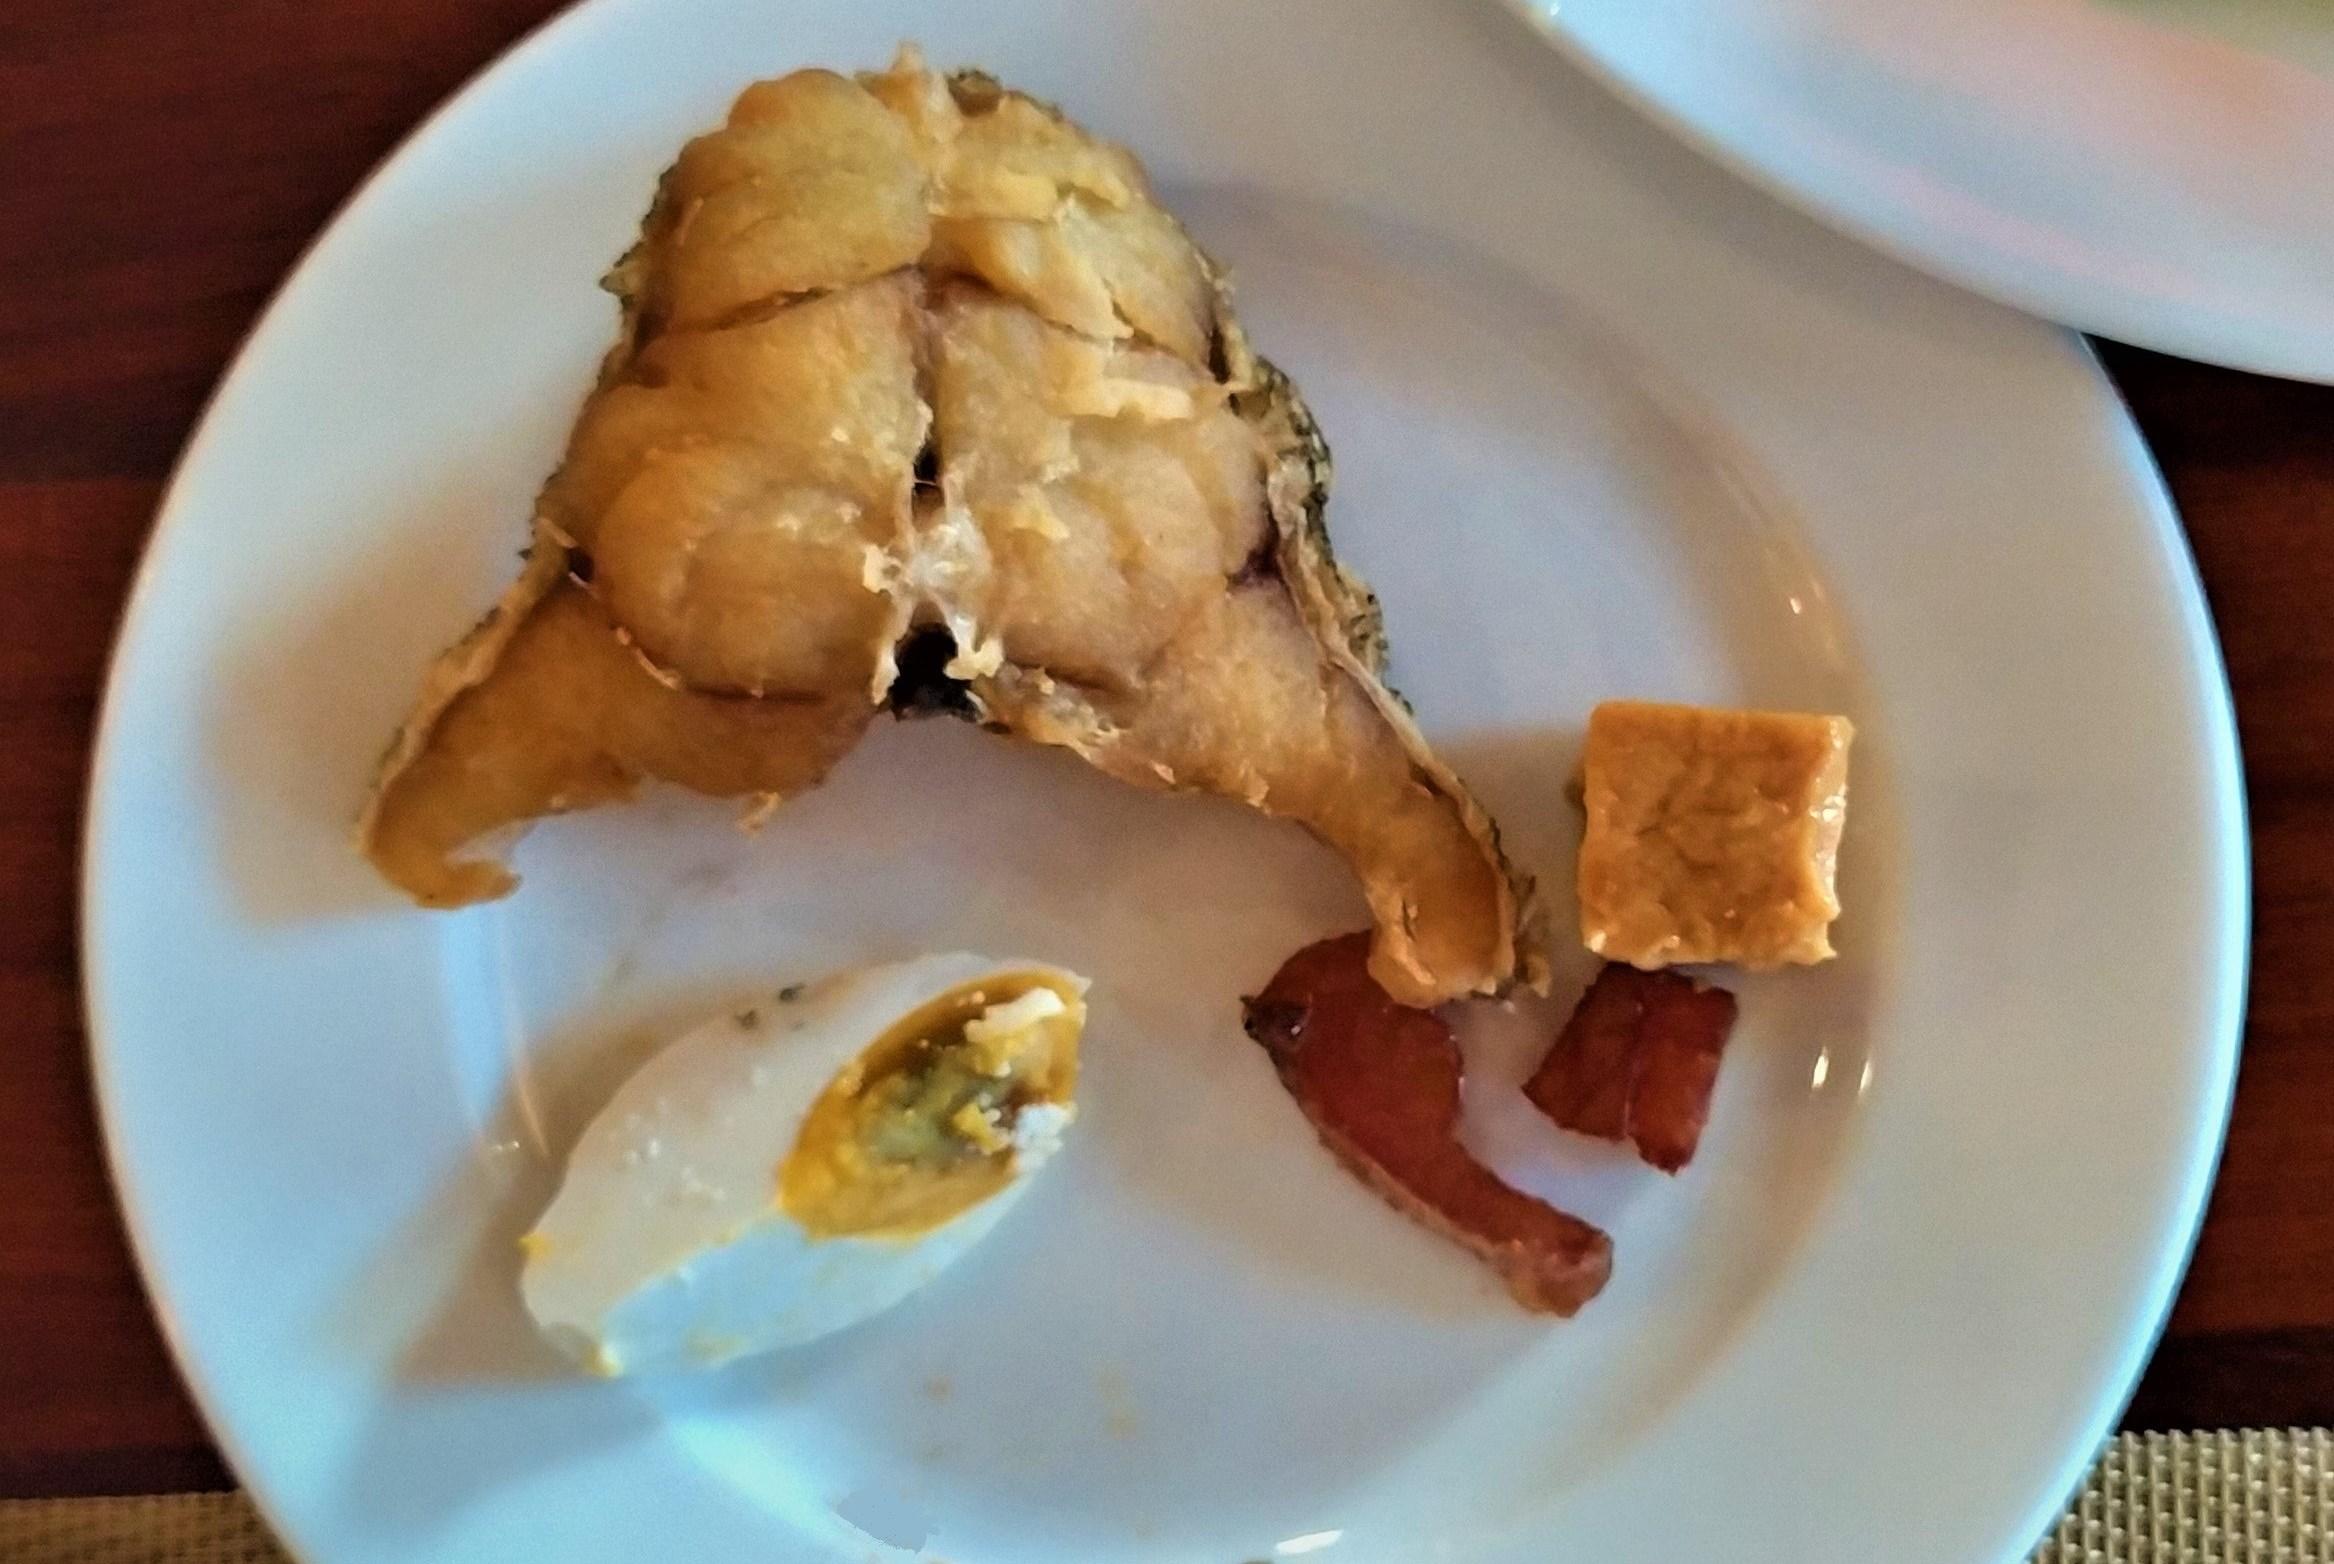 Типа микса из жаренной речушной живности, закопченной рыбки, маринованного «столетнего» китайского яйца и кремообразного тофу.